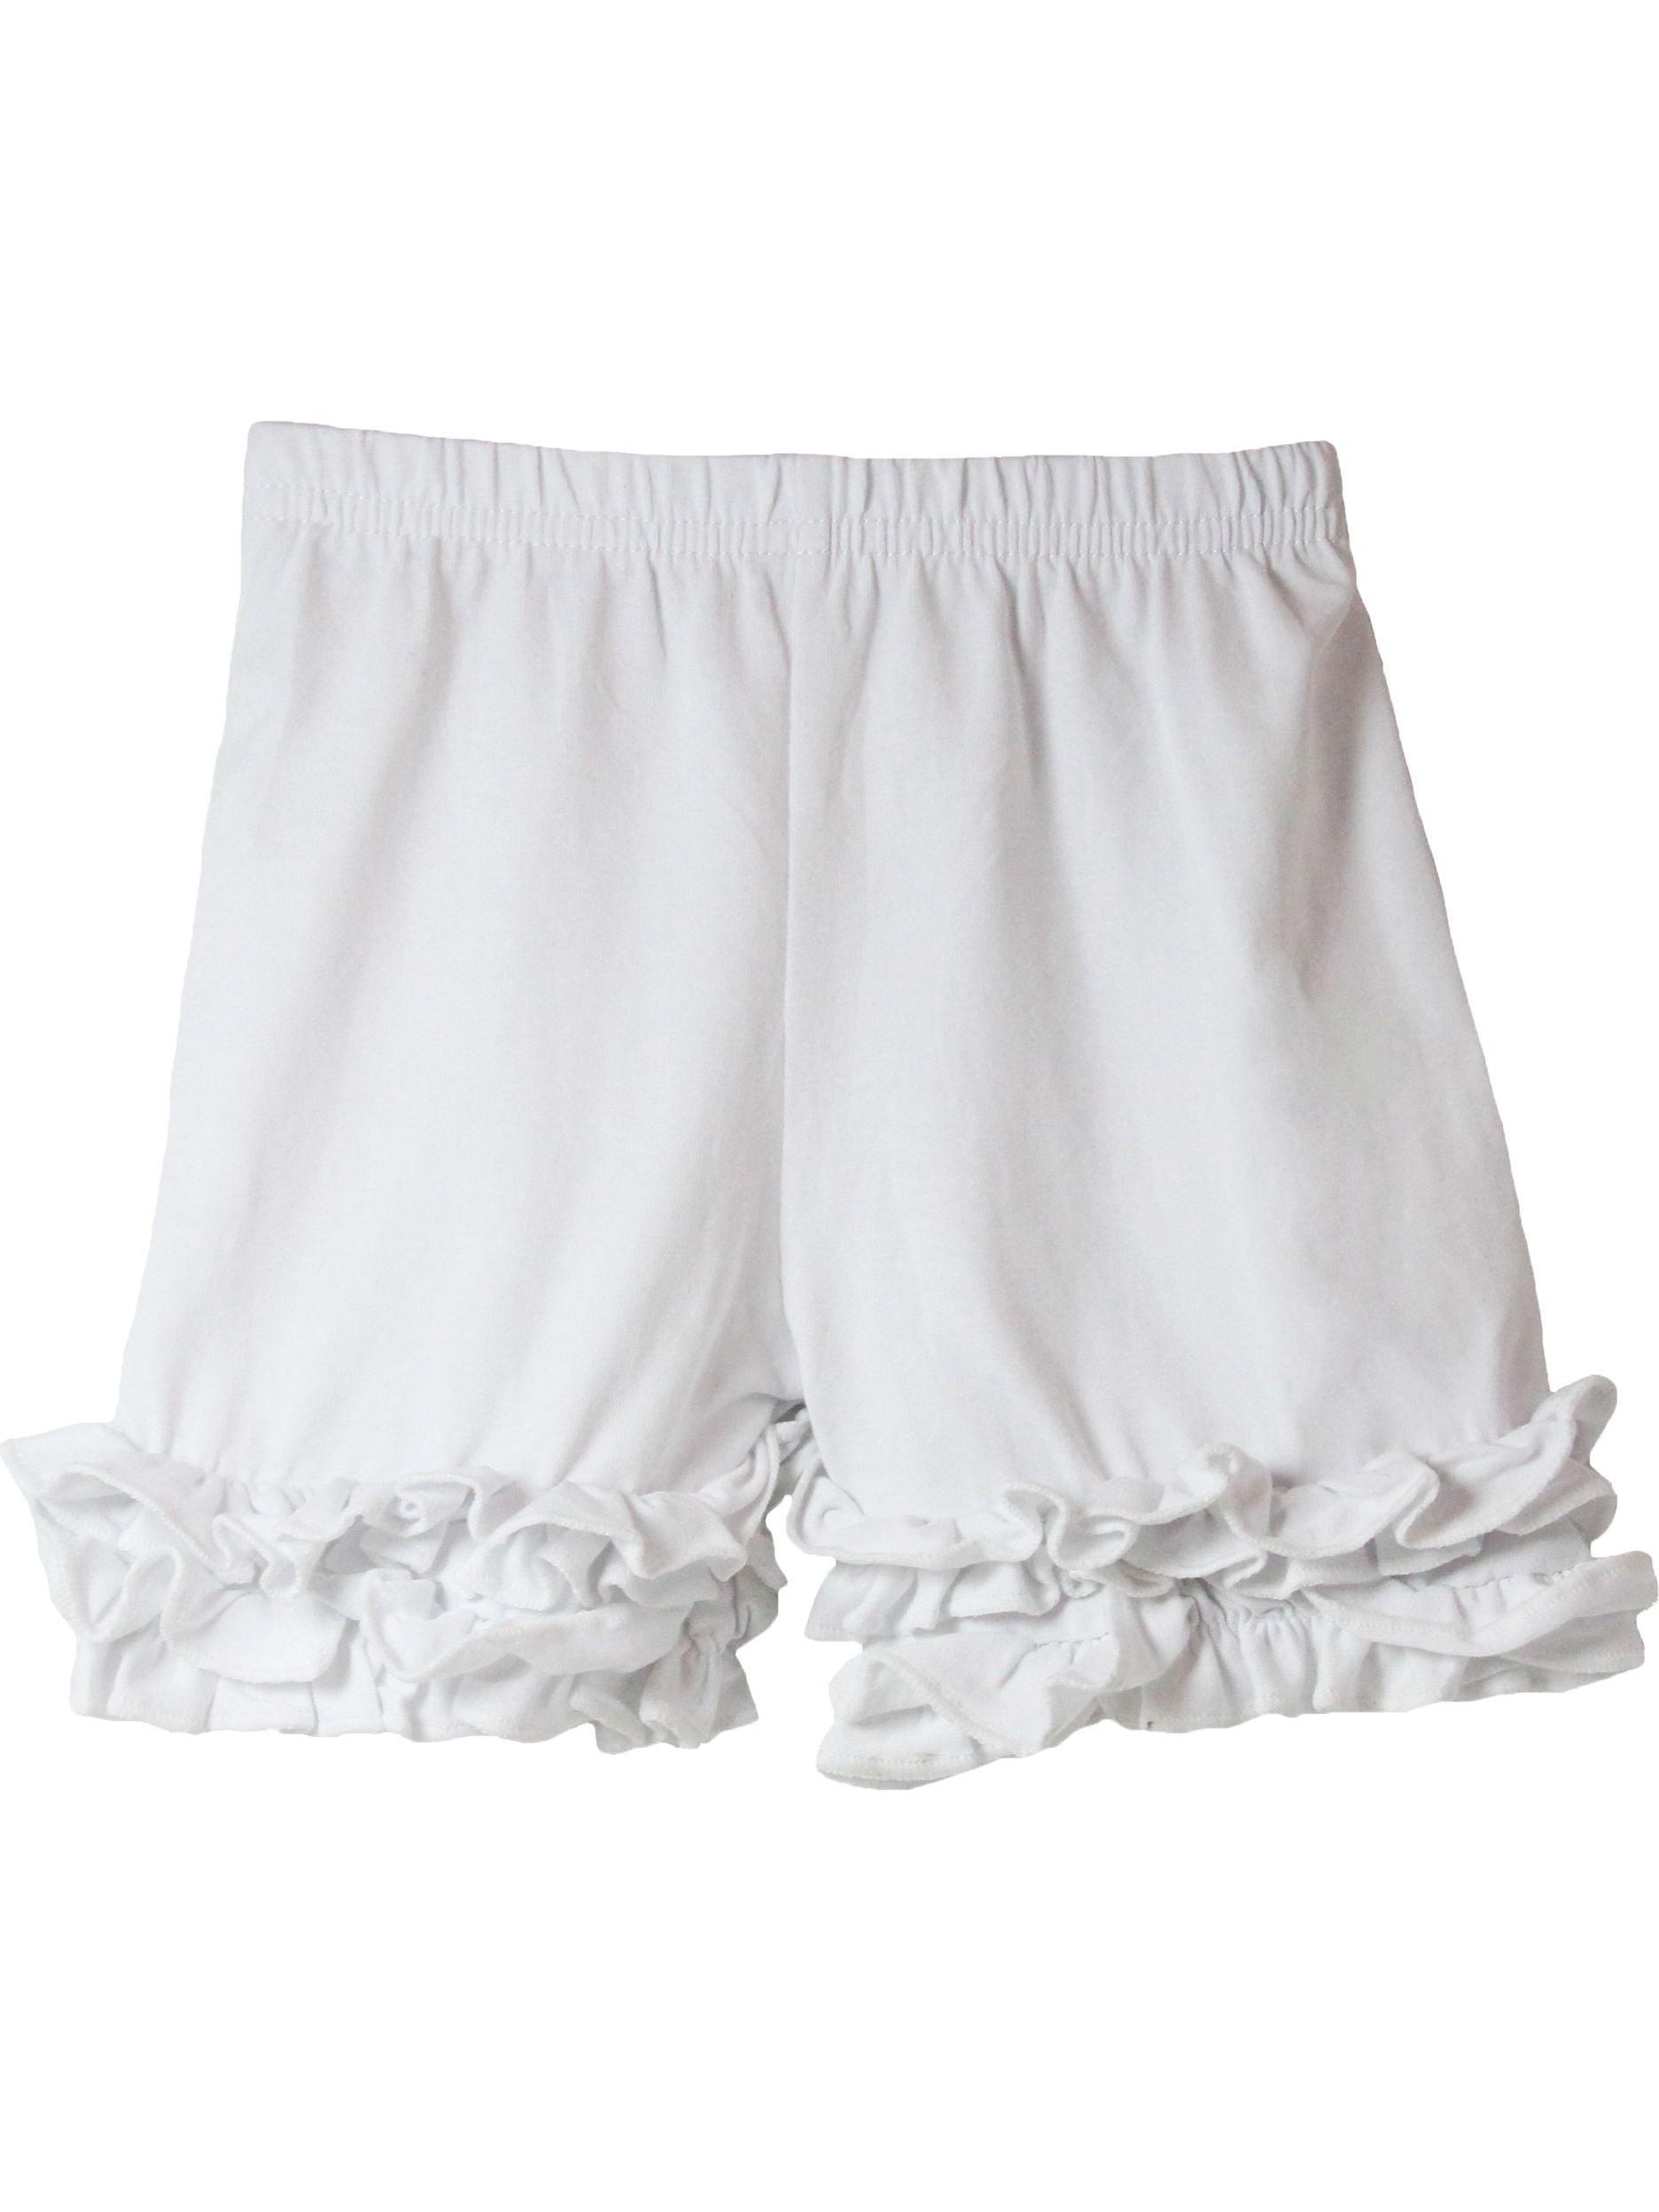 Girls White Elastic Waist Ruffle Bottom Icing Boutique Shorts